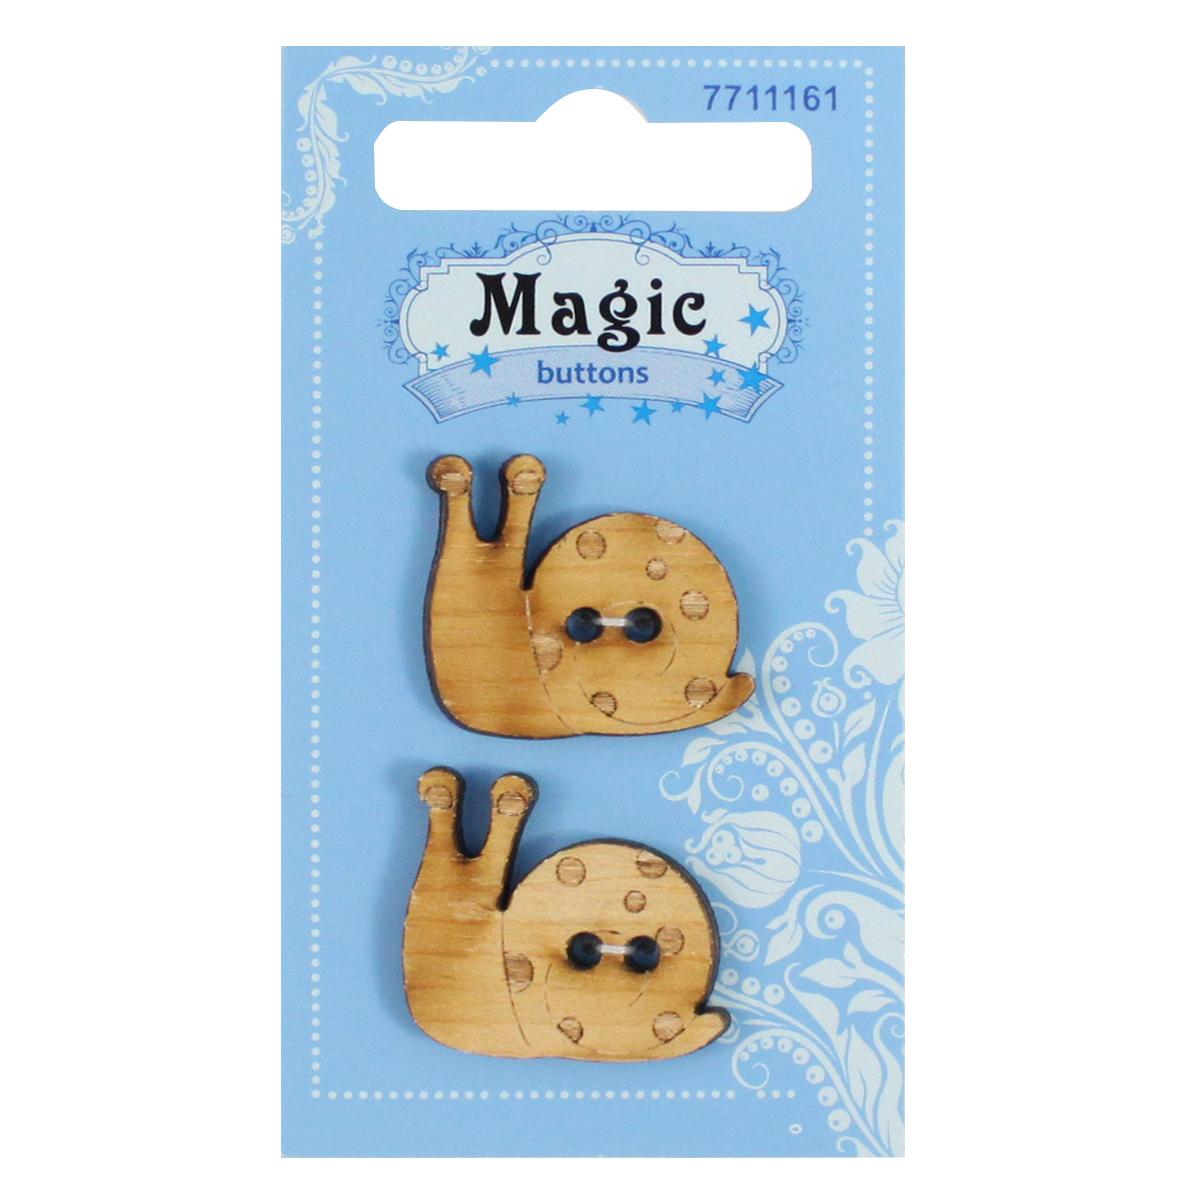 Пуговицы декоративные Magic Buttons Улитка, 2 шт7711161Пуговицы бренда Magic Buttons восхищают разнообразием стилей. Они станут отличным дополнением в качестве завершающего штриха на одежде, кроме того их можно использовать в скрапбукинге, создавать с помощью них интересные открытки, подарочные конверты и многое, многое другое.